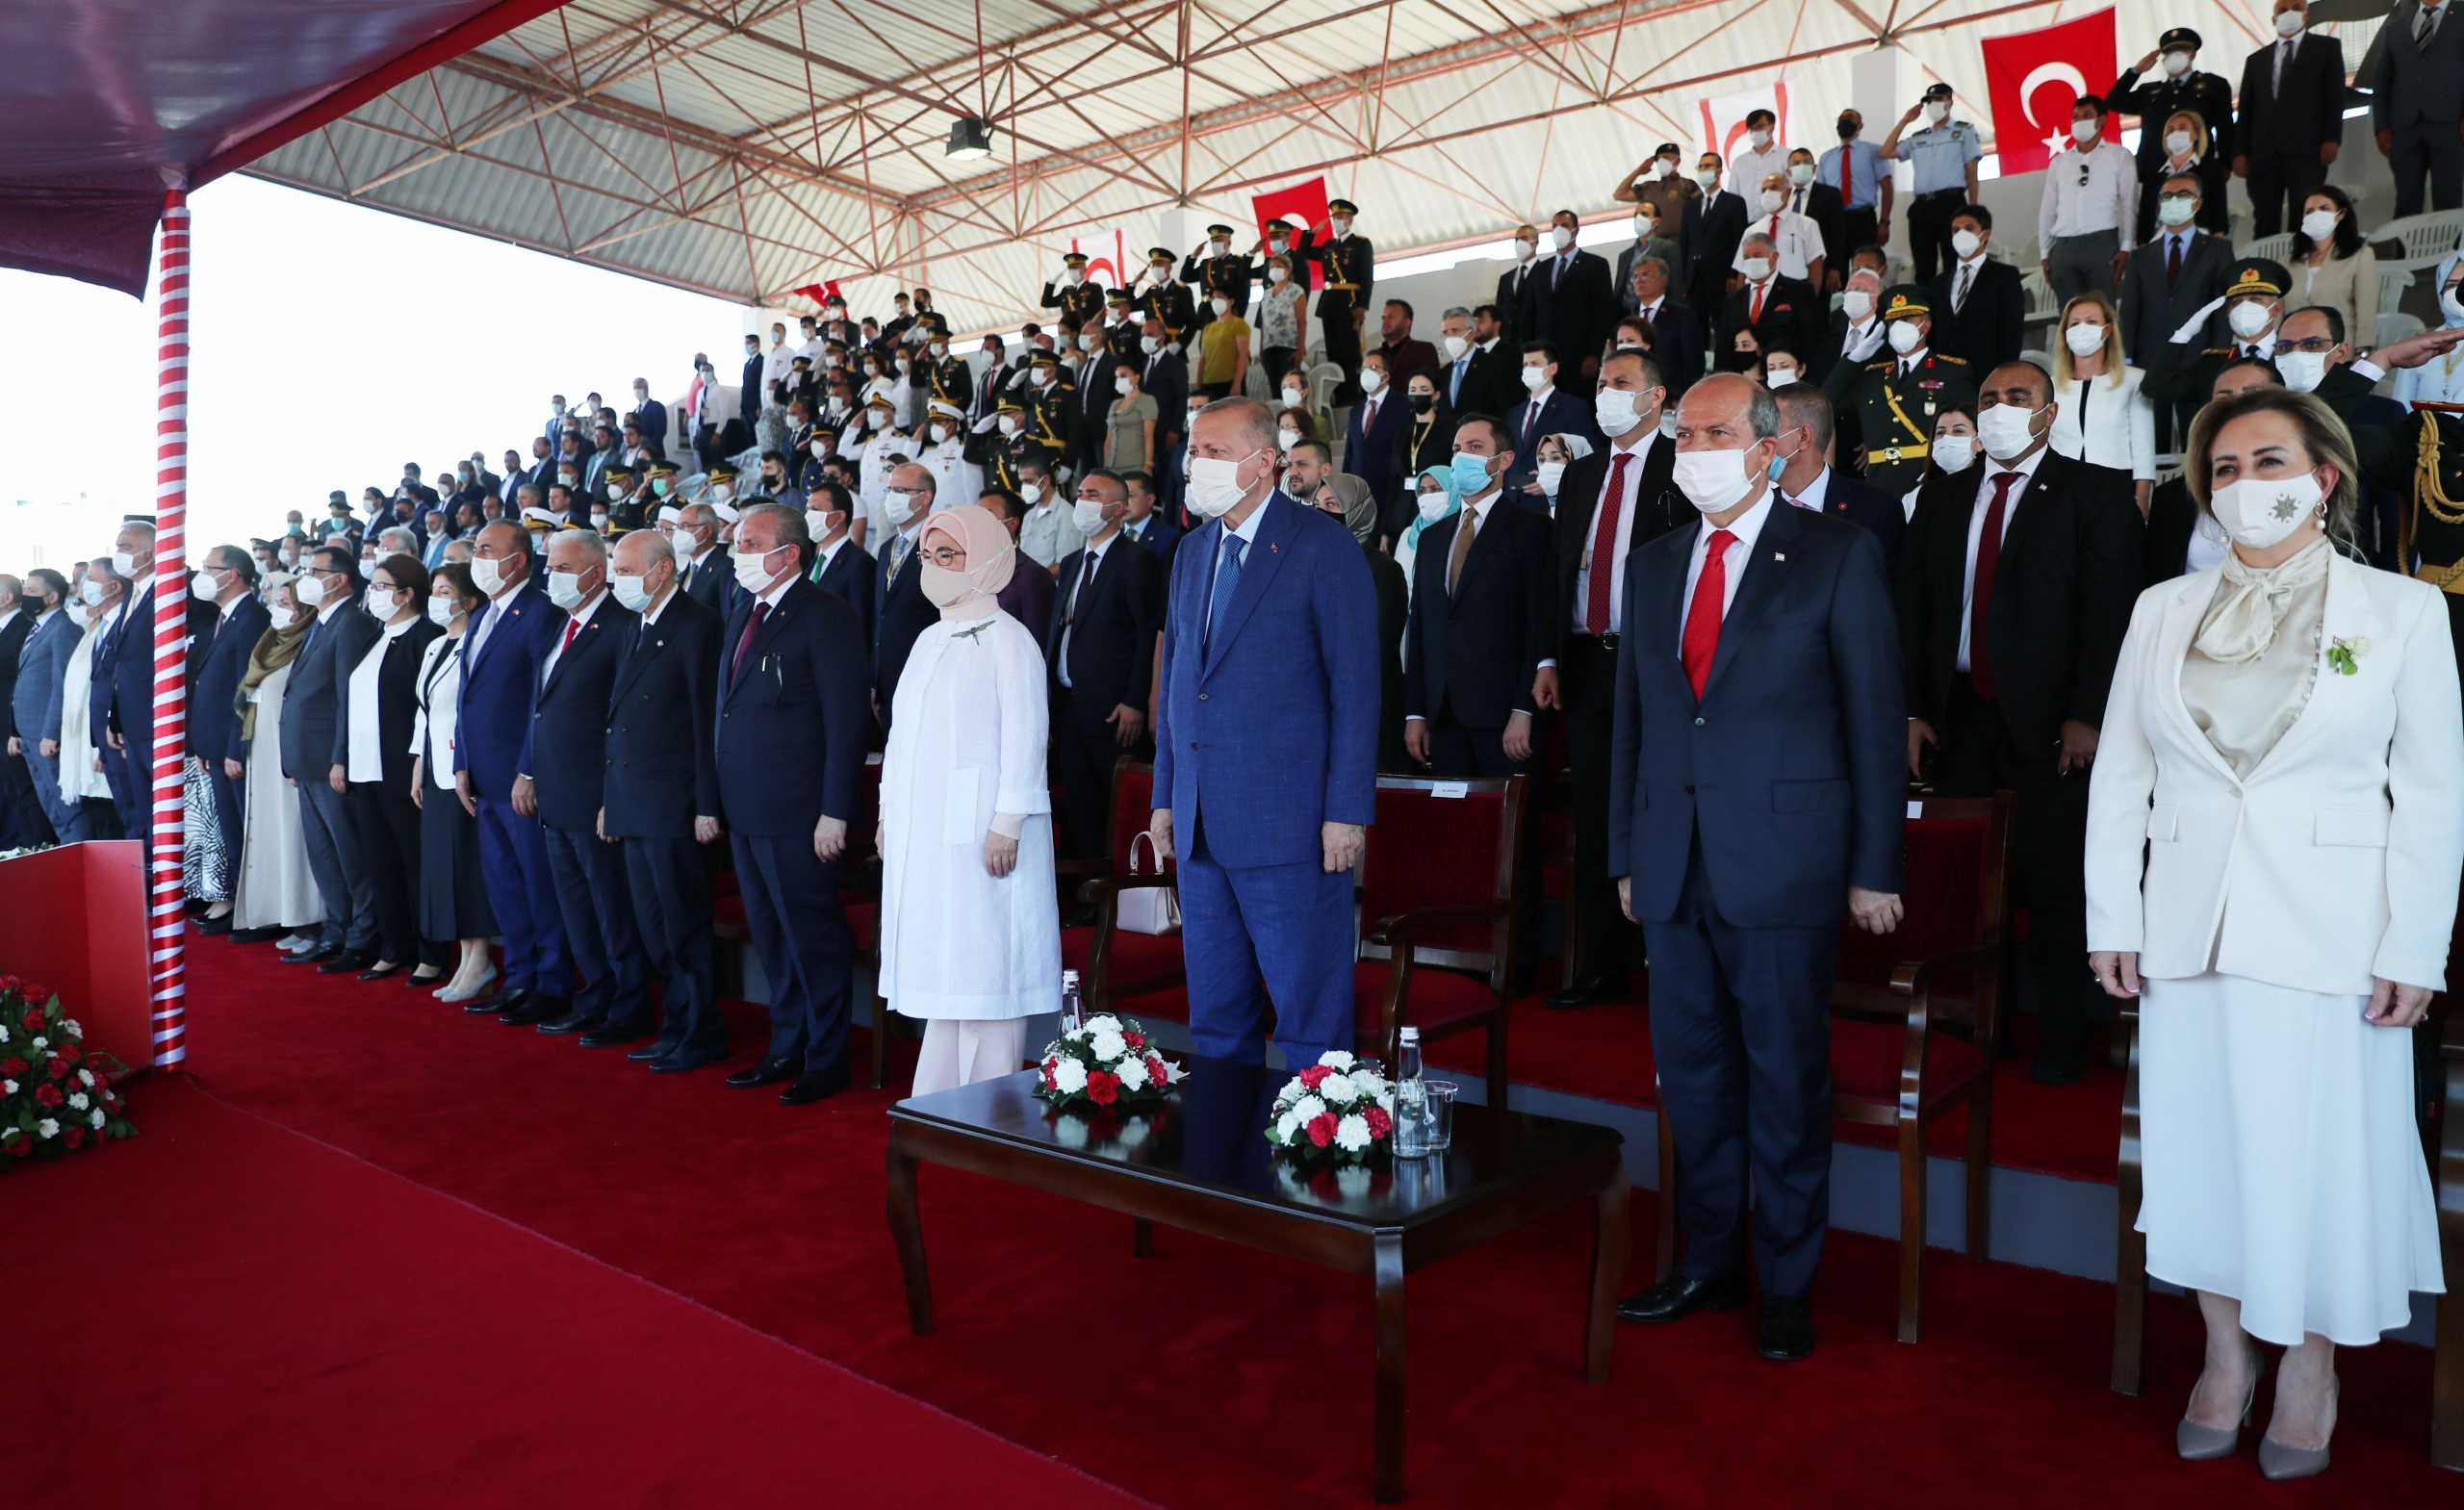 Η Κύπρος «παίρνει τ' όπλο της» απέναντι στις νέες προκλήσεις Ερντογάν – Εθνικό Συμβούλιο καλεί ο Αναστασιάδης